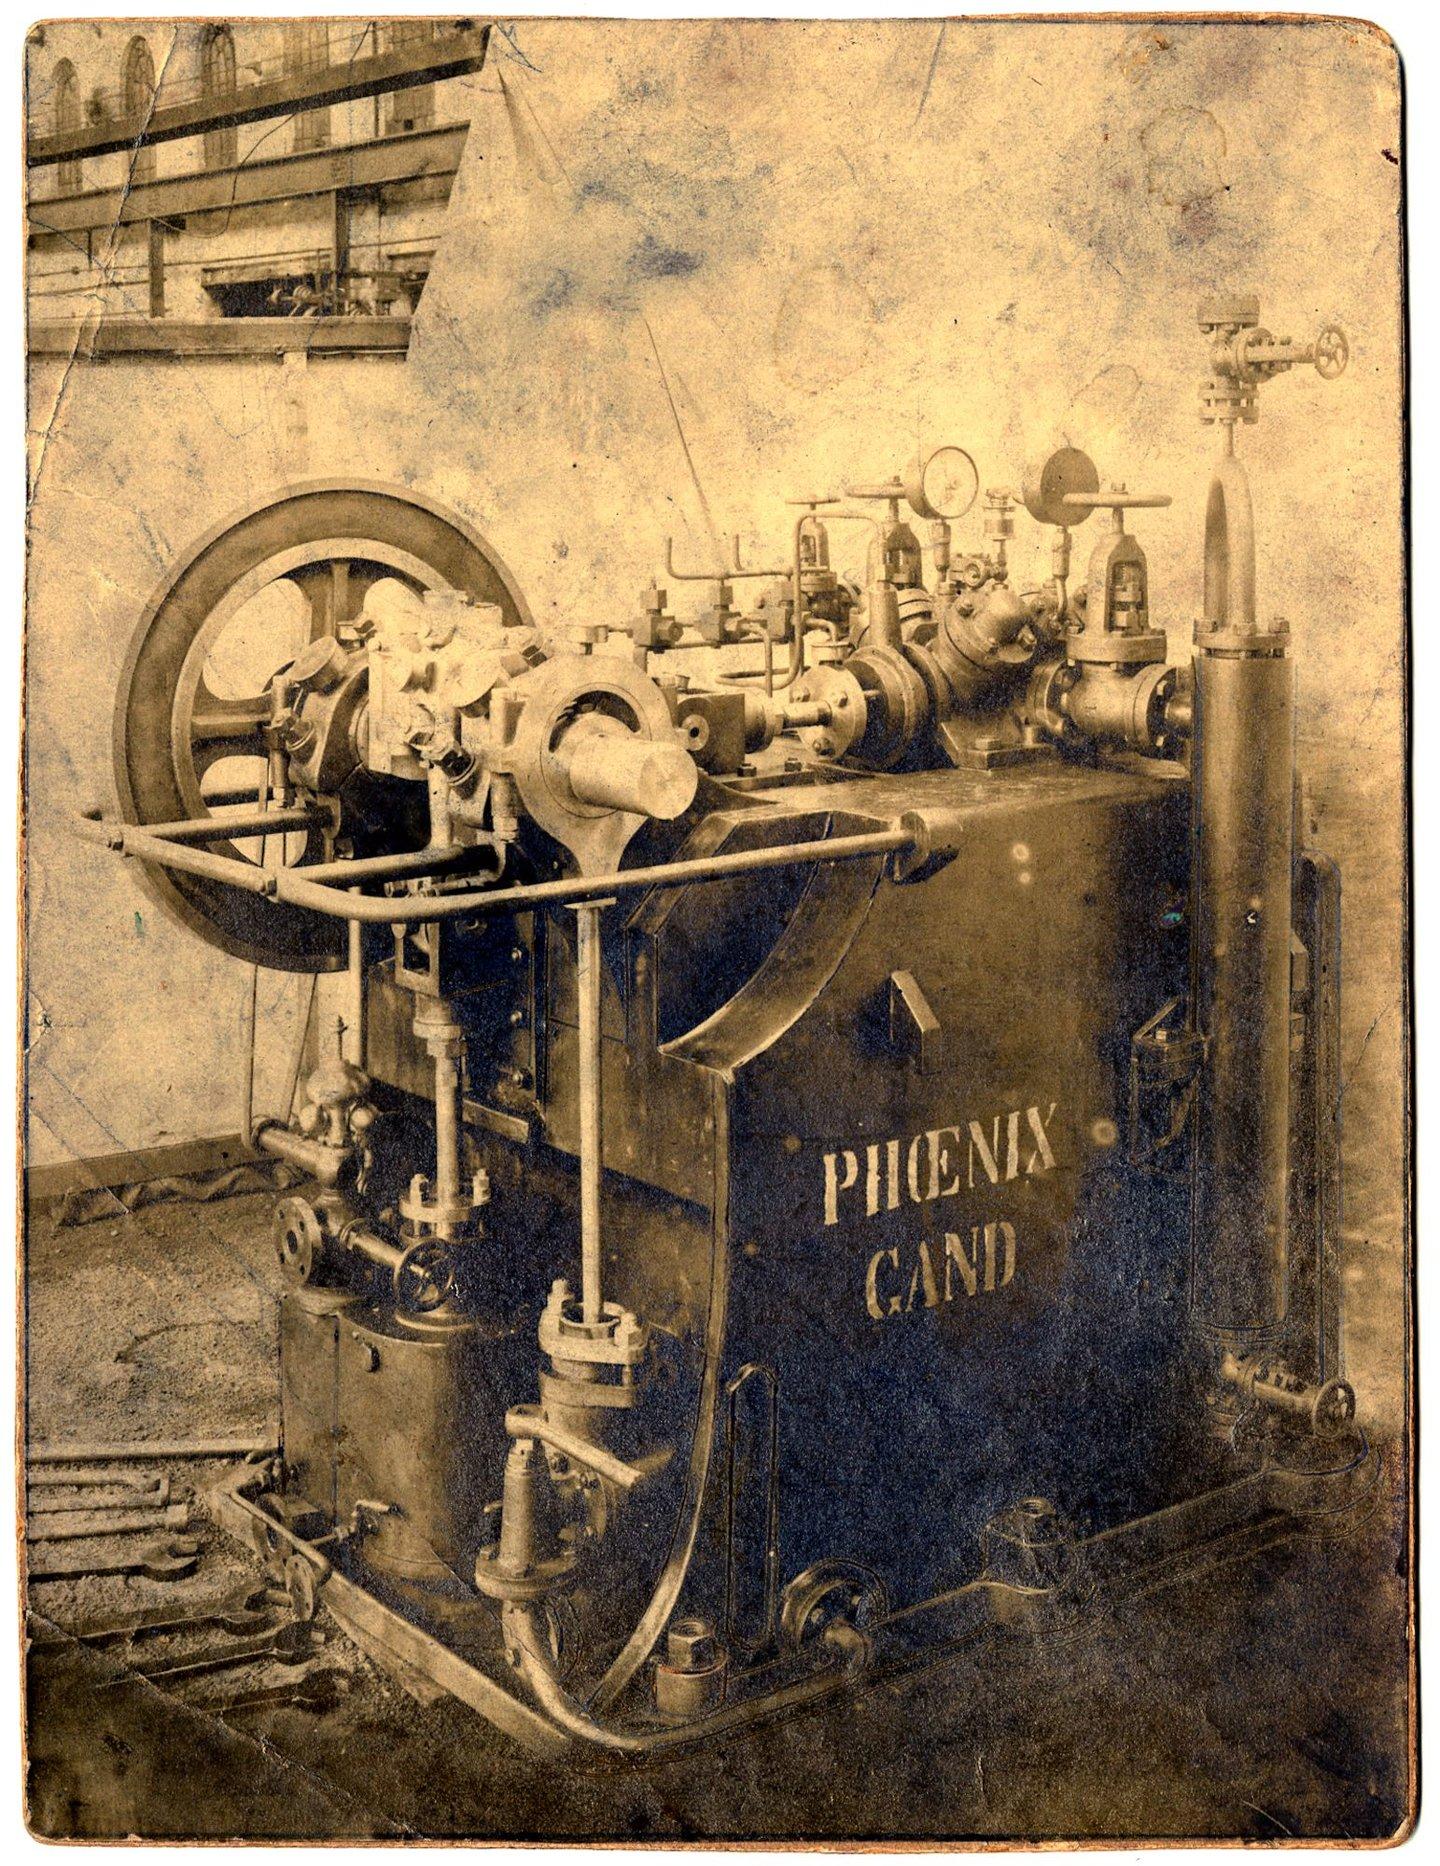 Stoommachine van het Gentse constructiebedrijf Phoenix